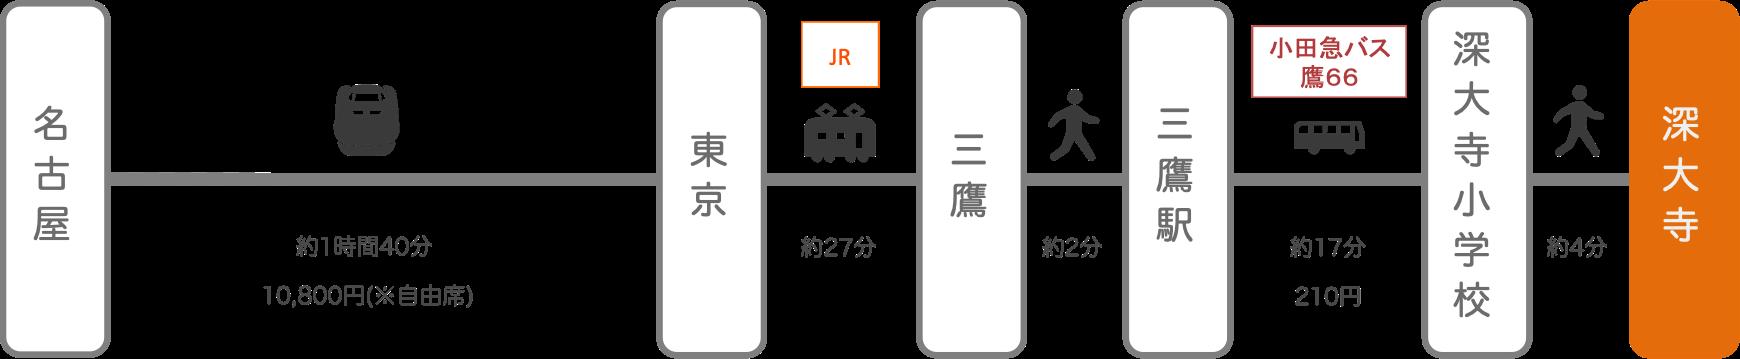 深大寺_名古屋(愛知)_新幹線